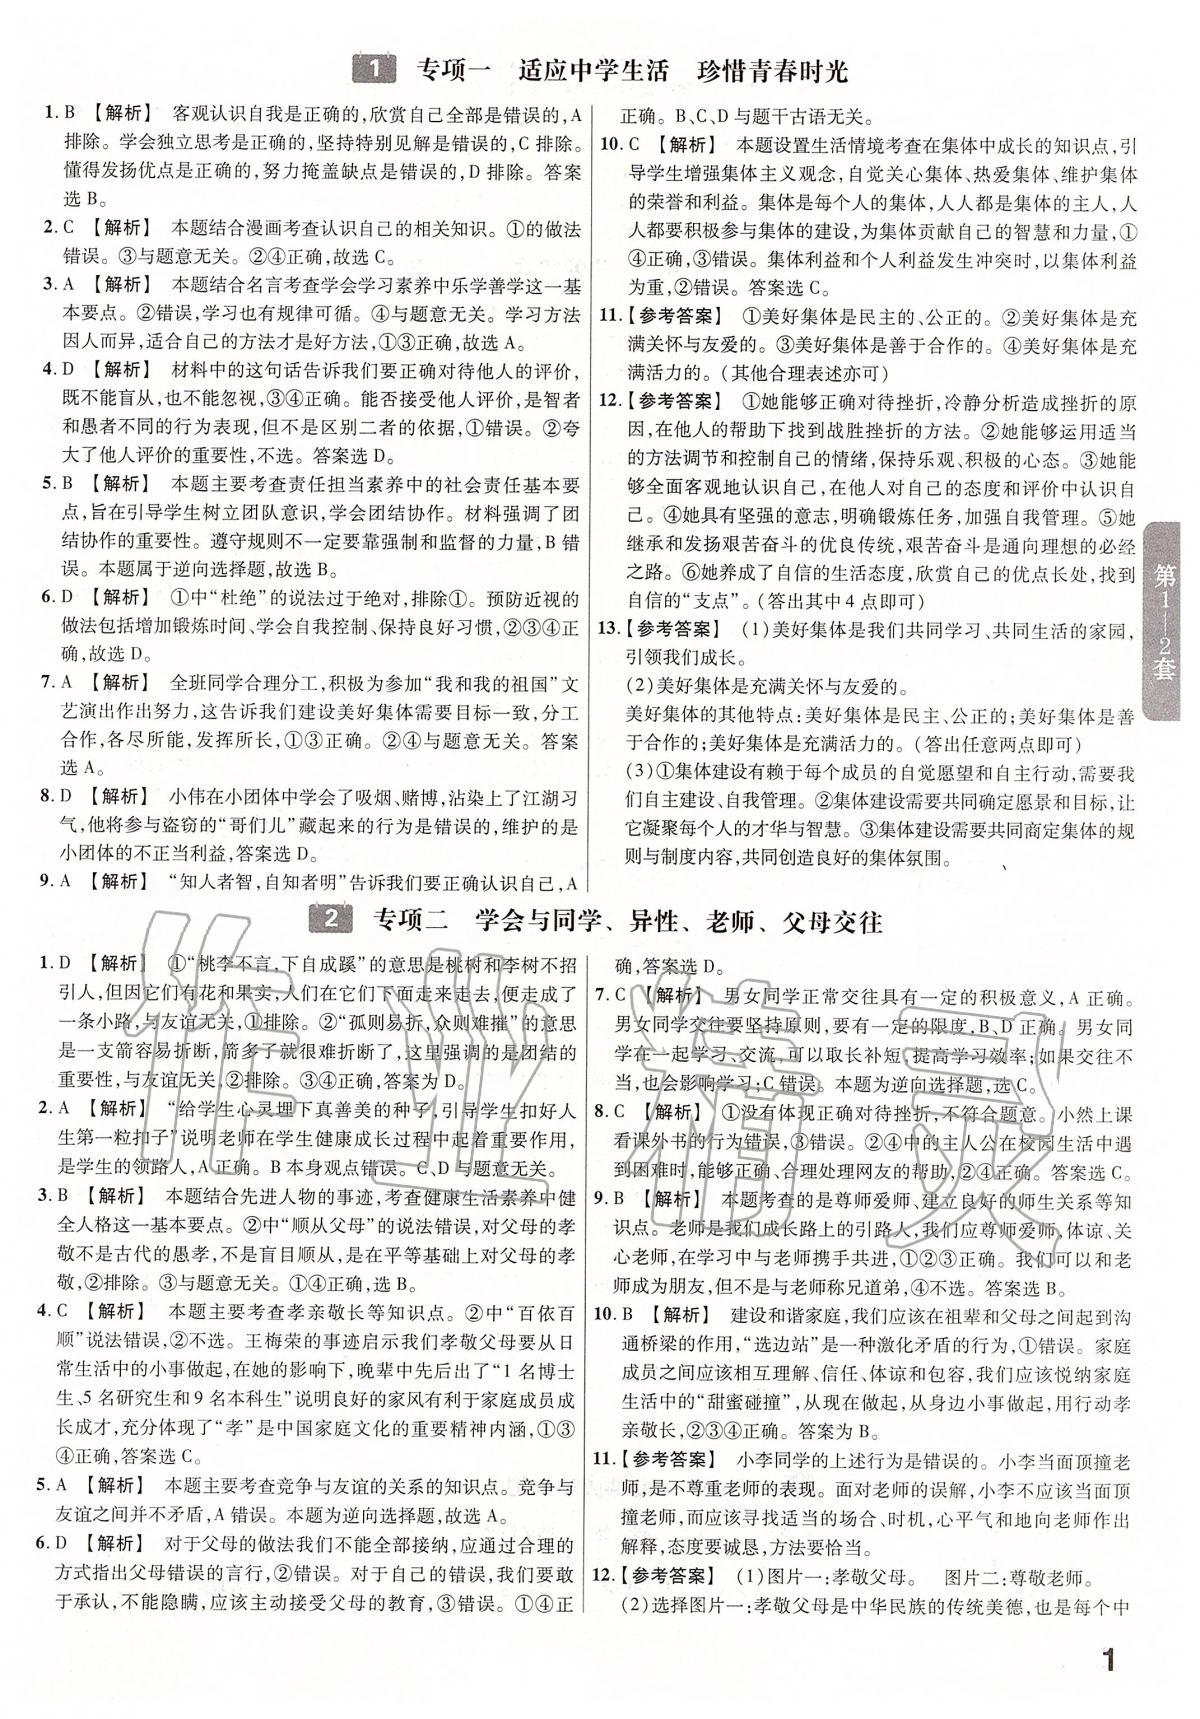 2020年金考卷安徽中考45套汇编道德与法治第1页